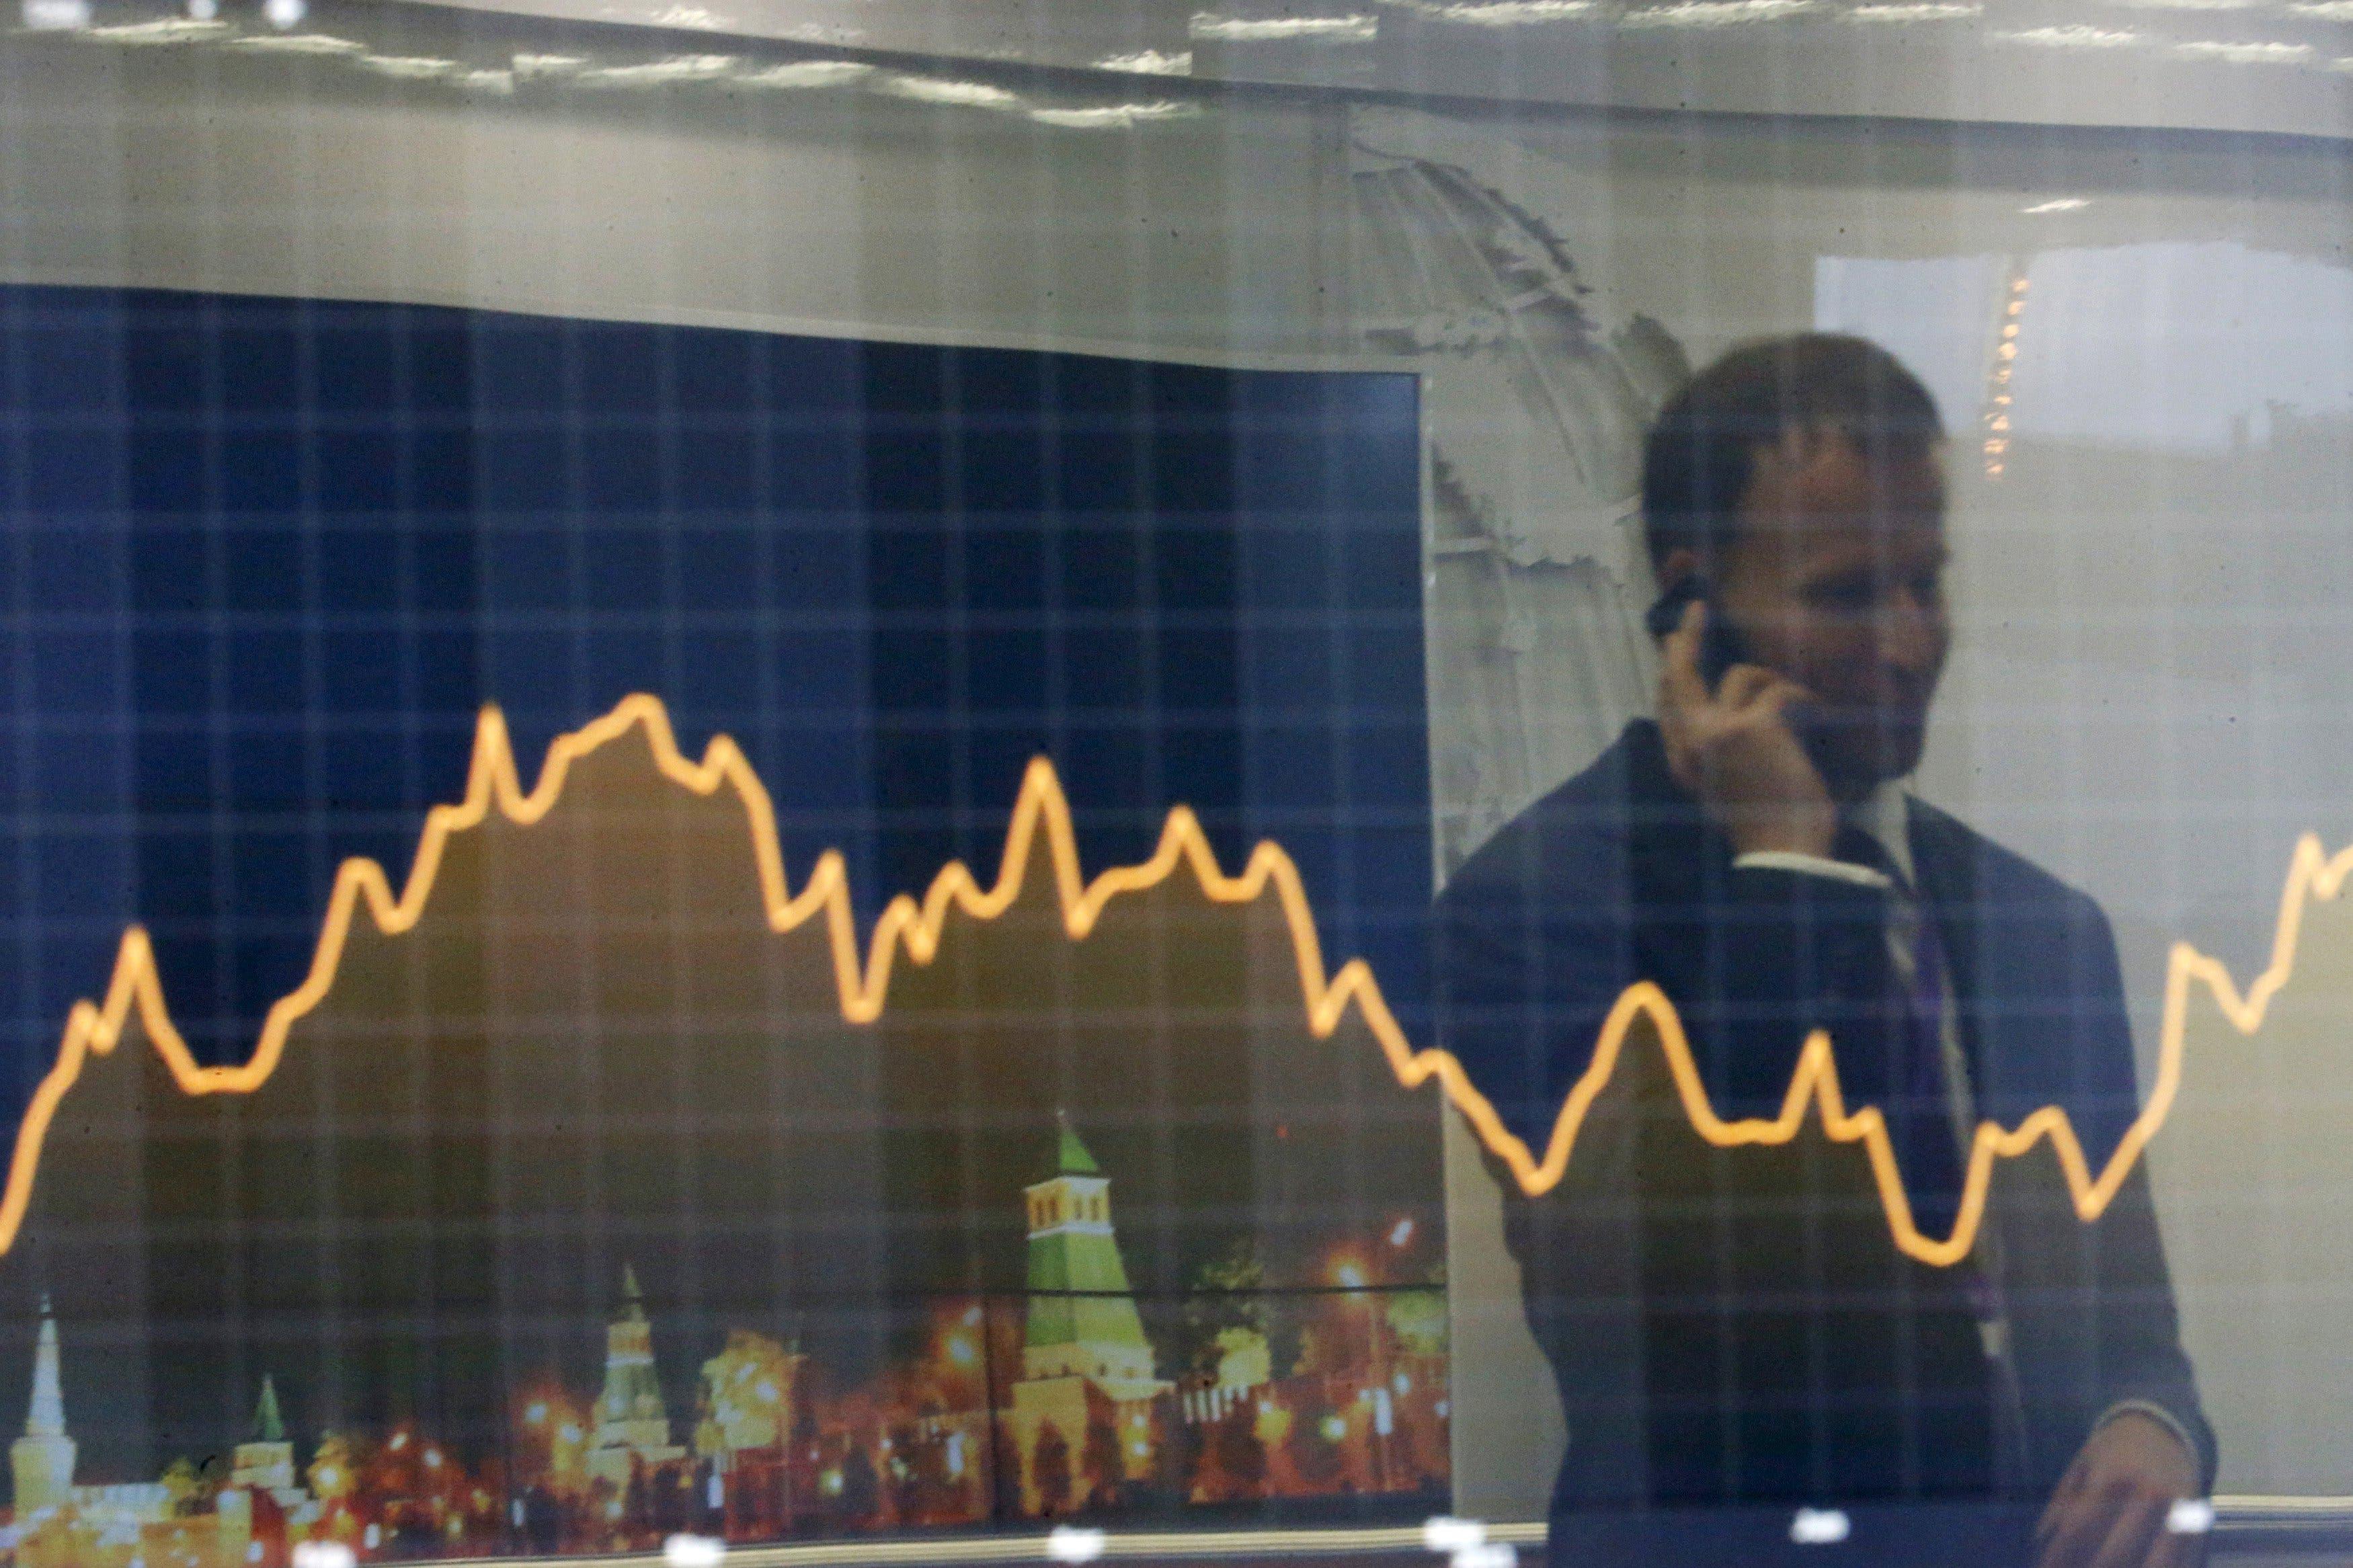 صورة تعبيرية عن التذبذبات التي خلفها وباء كورونا على الاقتصاد العالمي